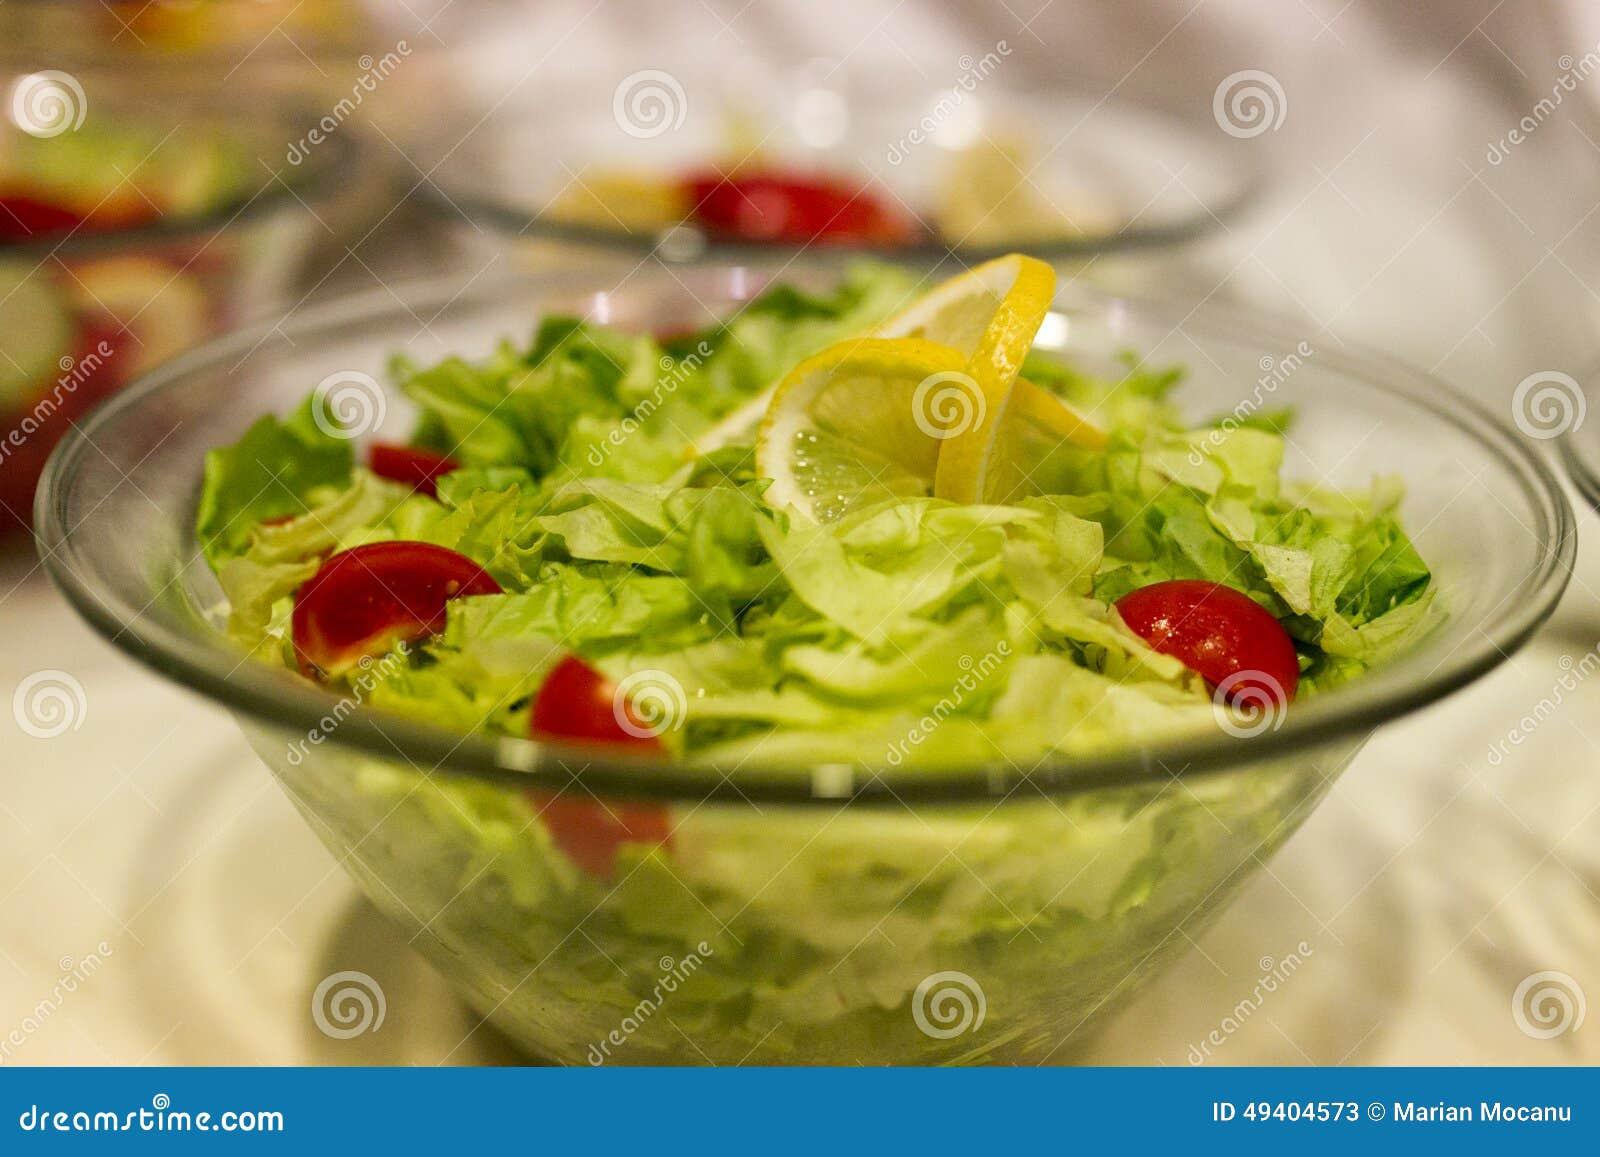 Download Gesunder Salat stockbild. Bild von grün, teller, frisch - 49404573